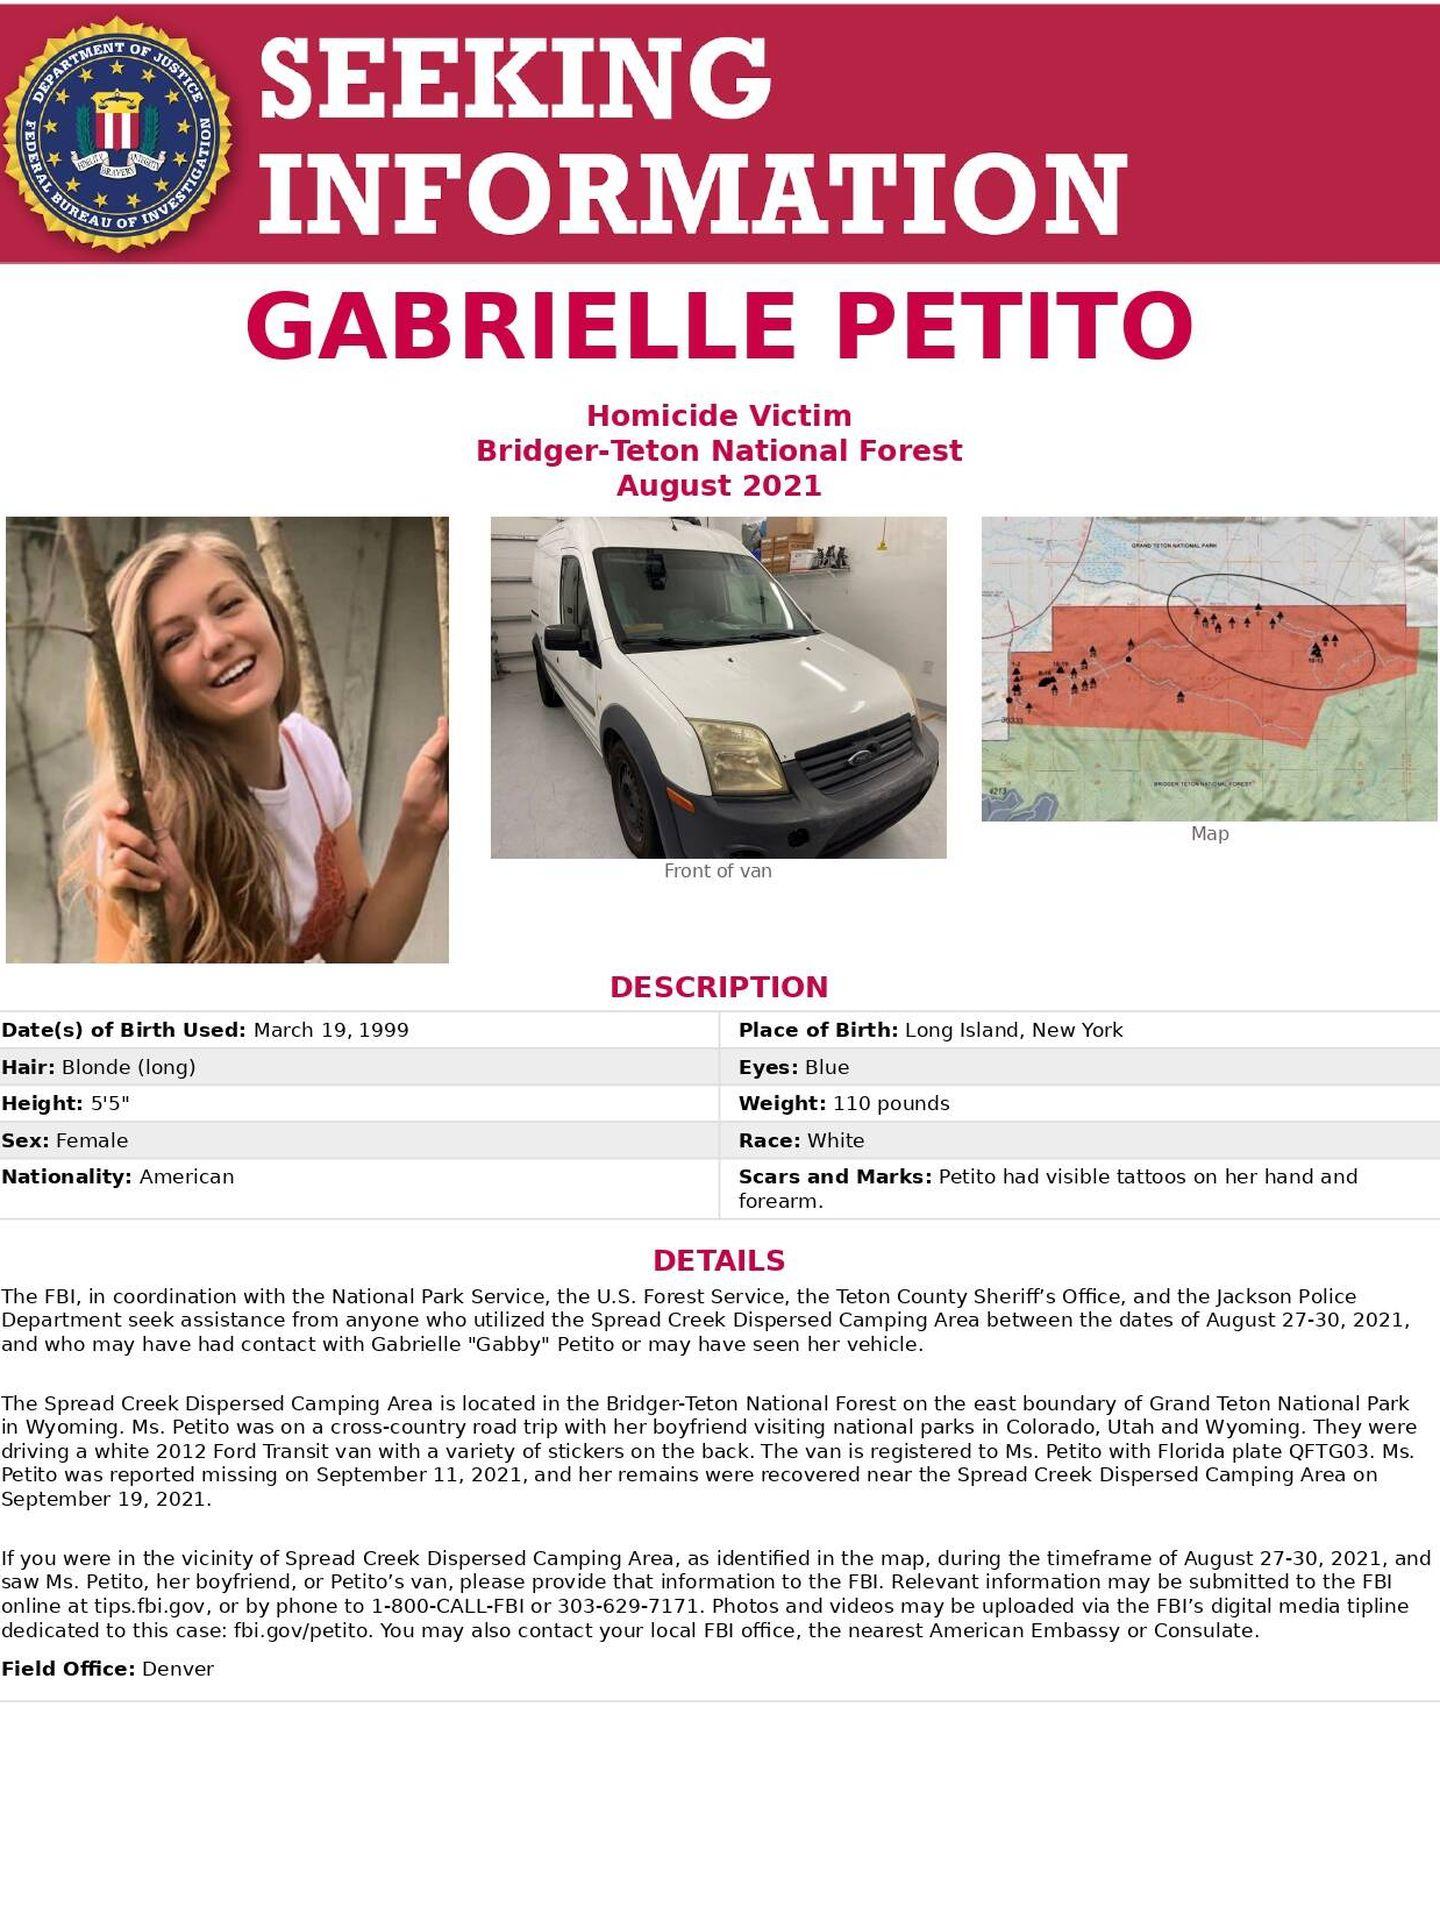 Imagen de Petito, la furgoneta en la que viajaba con su novio y el mapa del lugar en el que hallaron el cuerpo, cedidas por el FBI de Denver.